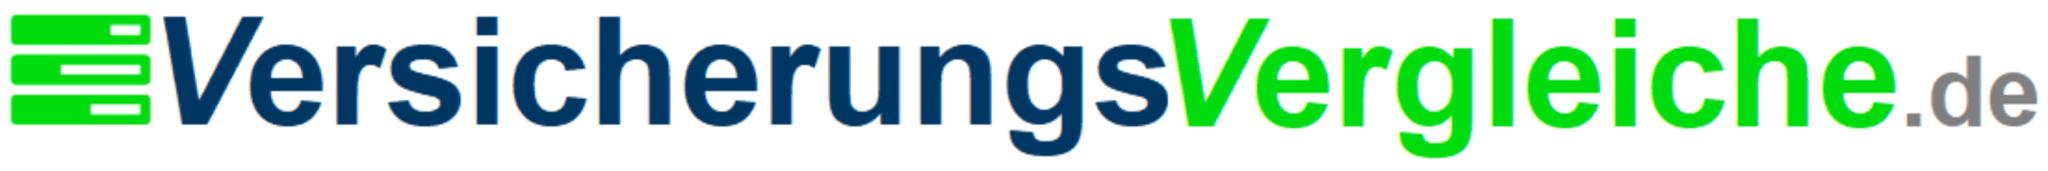 Versicherungsvergleiche Logo - vergleichen und sparen